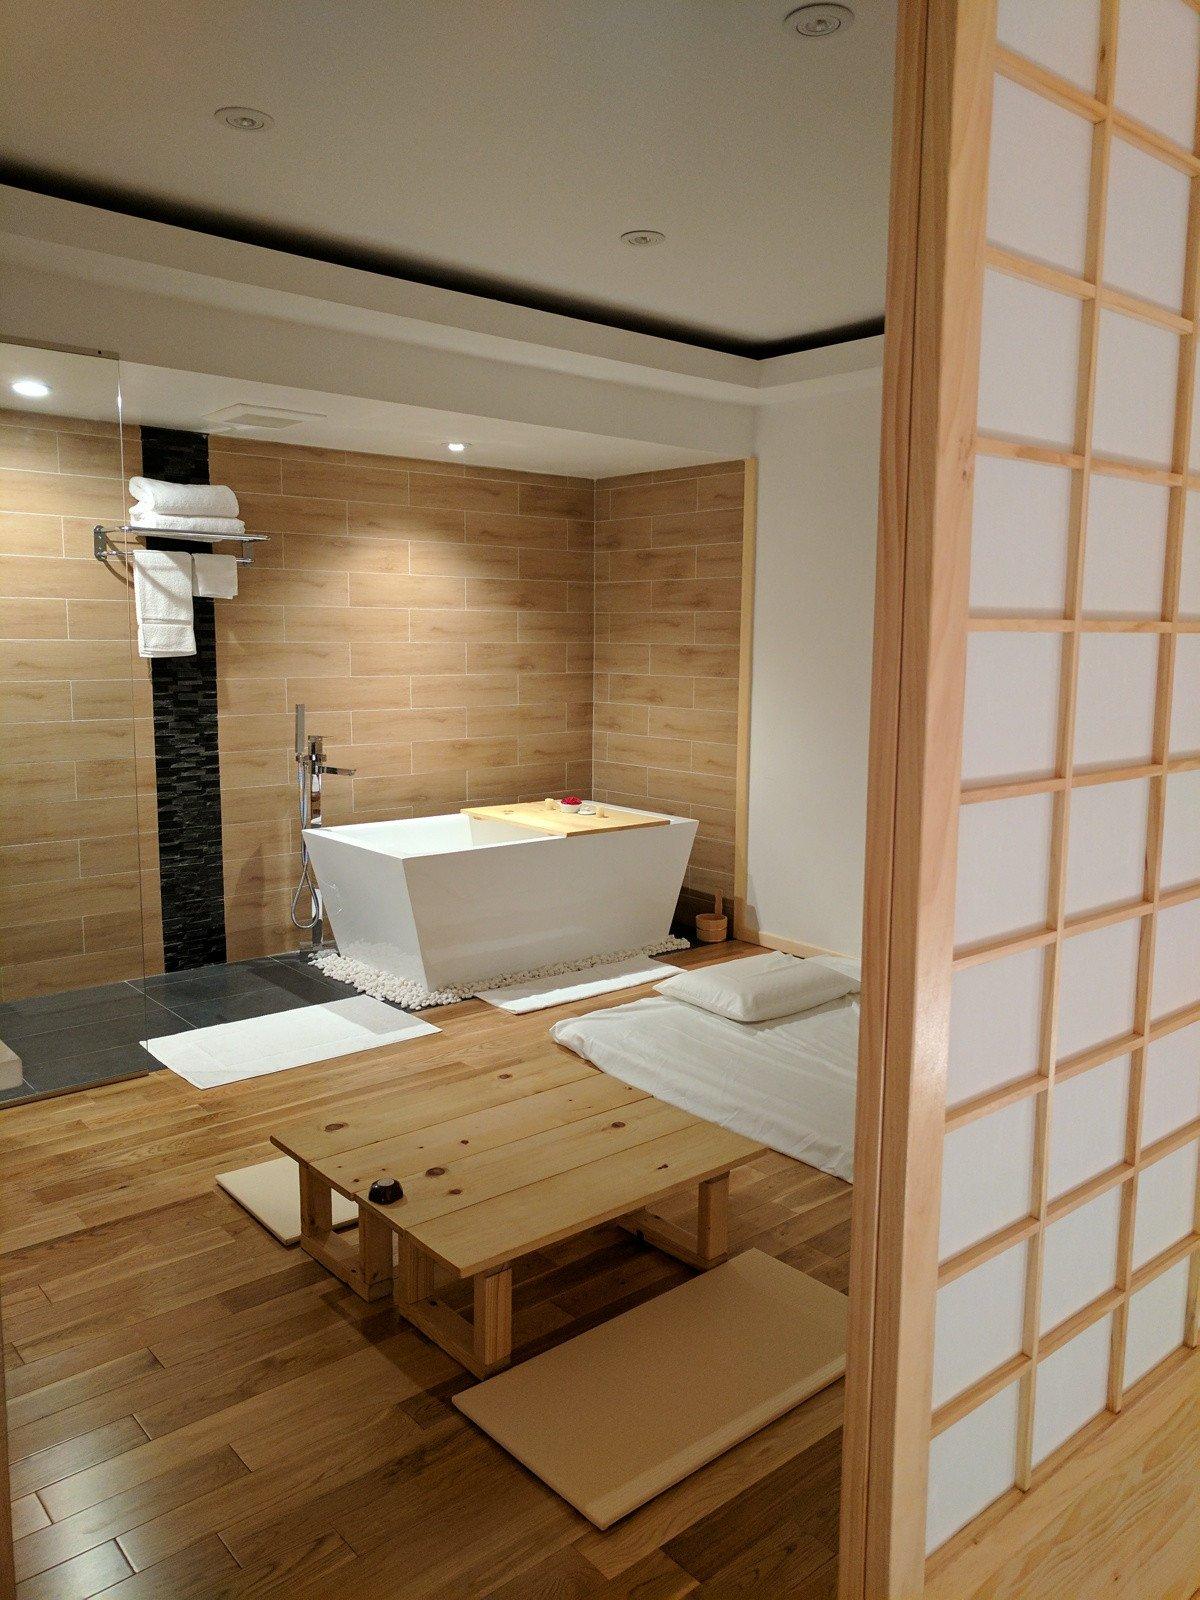 hideko_spa_-_gallery_-_room.jpg